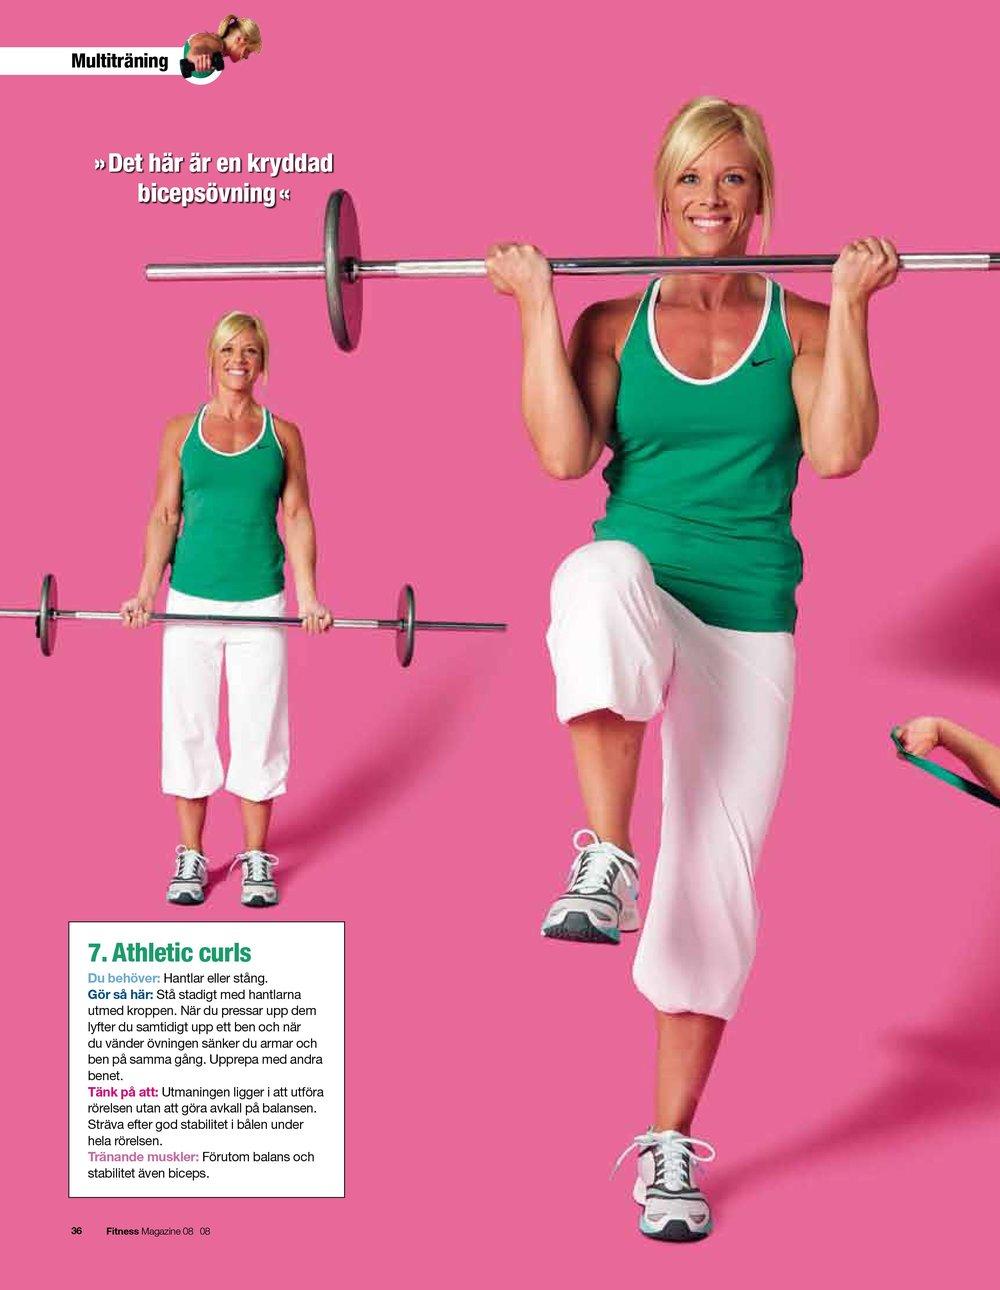 bilaga fitness magazine övningar-8.jpg